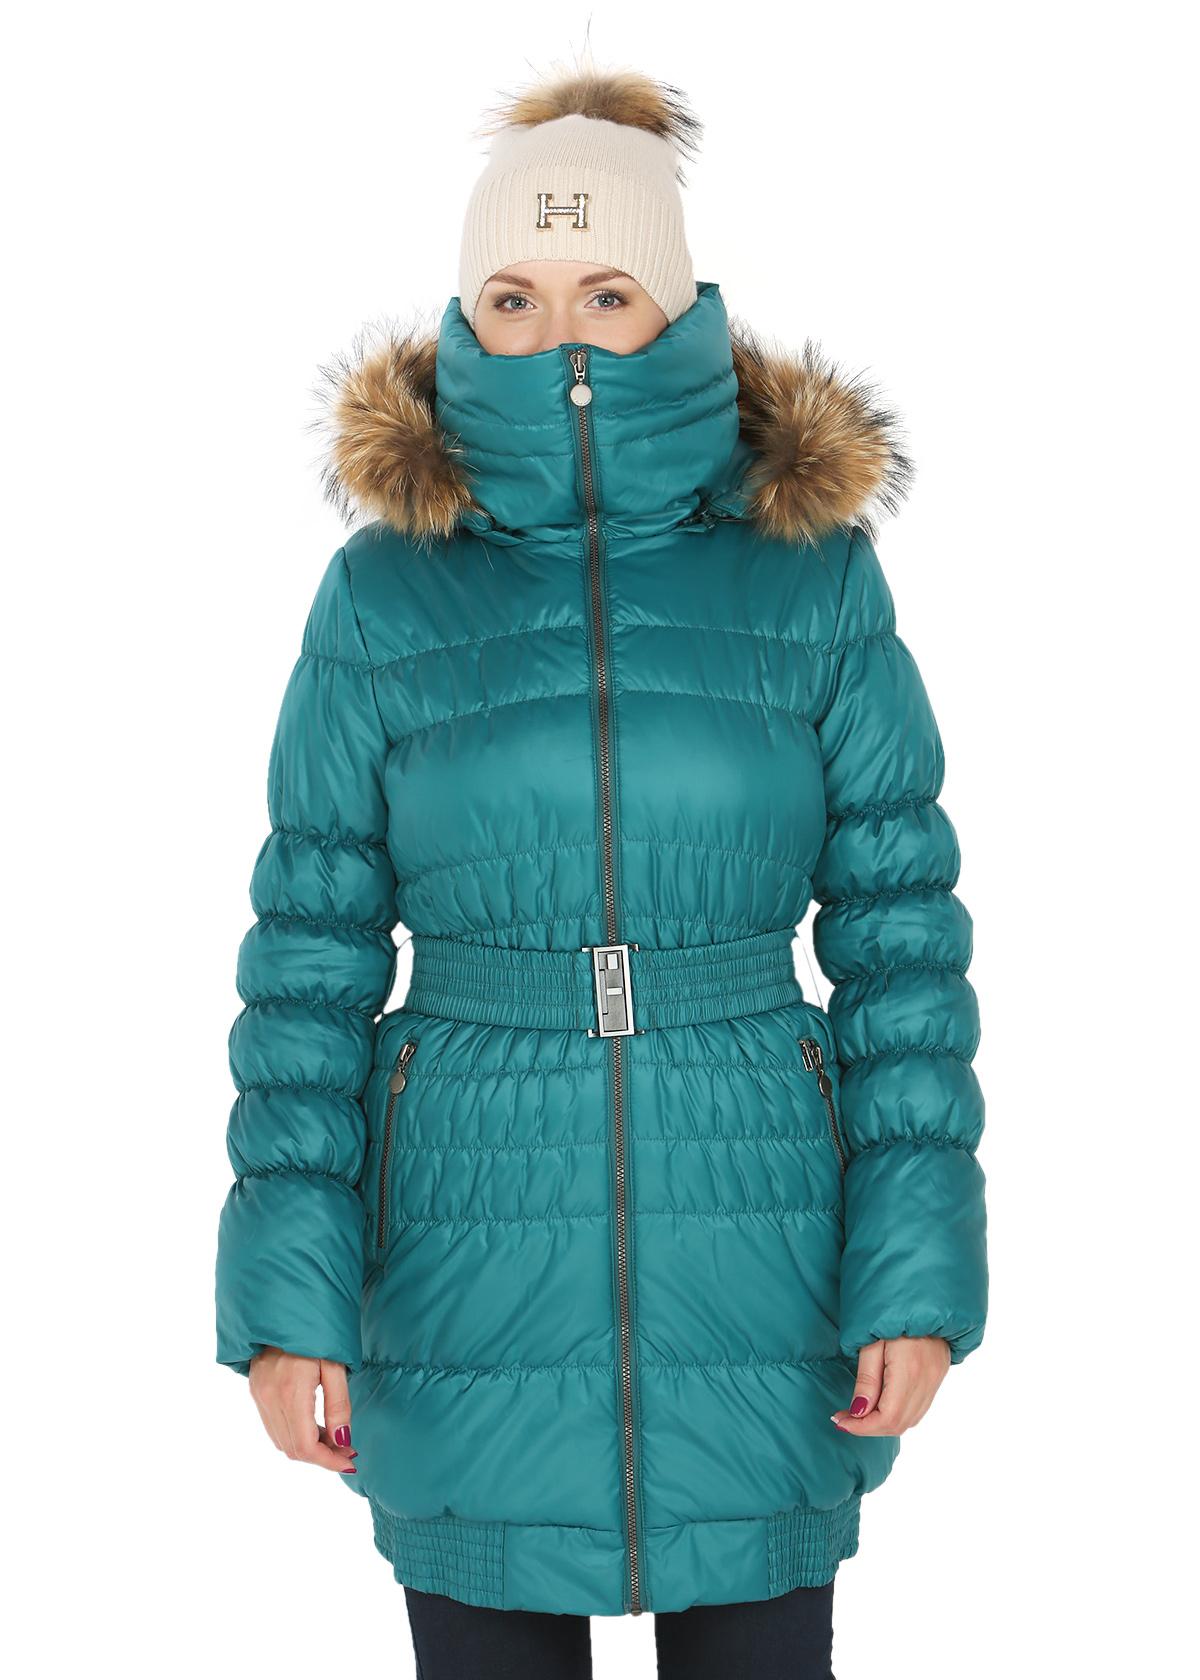 купить куртку для беременных в екатеринбурге